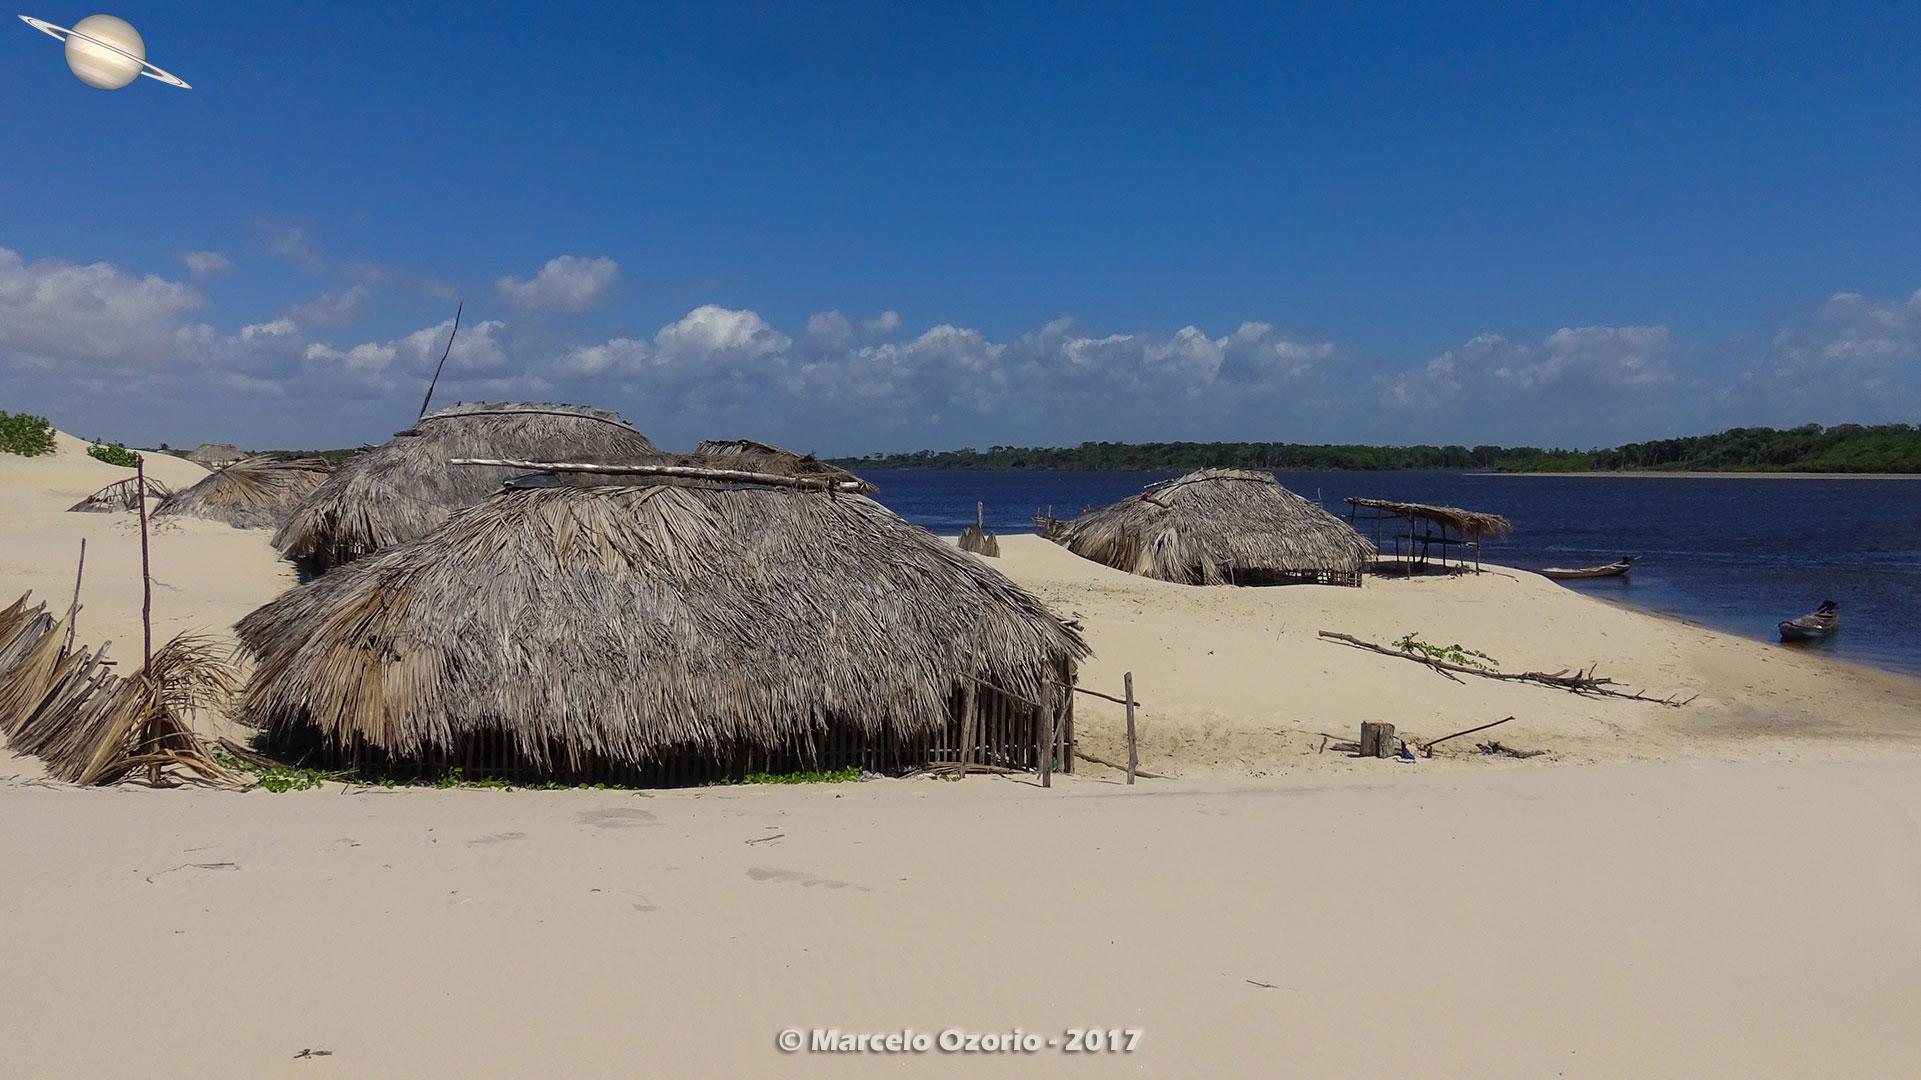 cabure lencois maranhenses brasil 27 - De Barreirinhas à Canto do Atins. Trekking nos Lençóis Maranhenses - Brasil